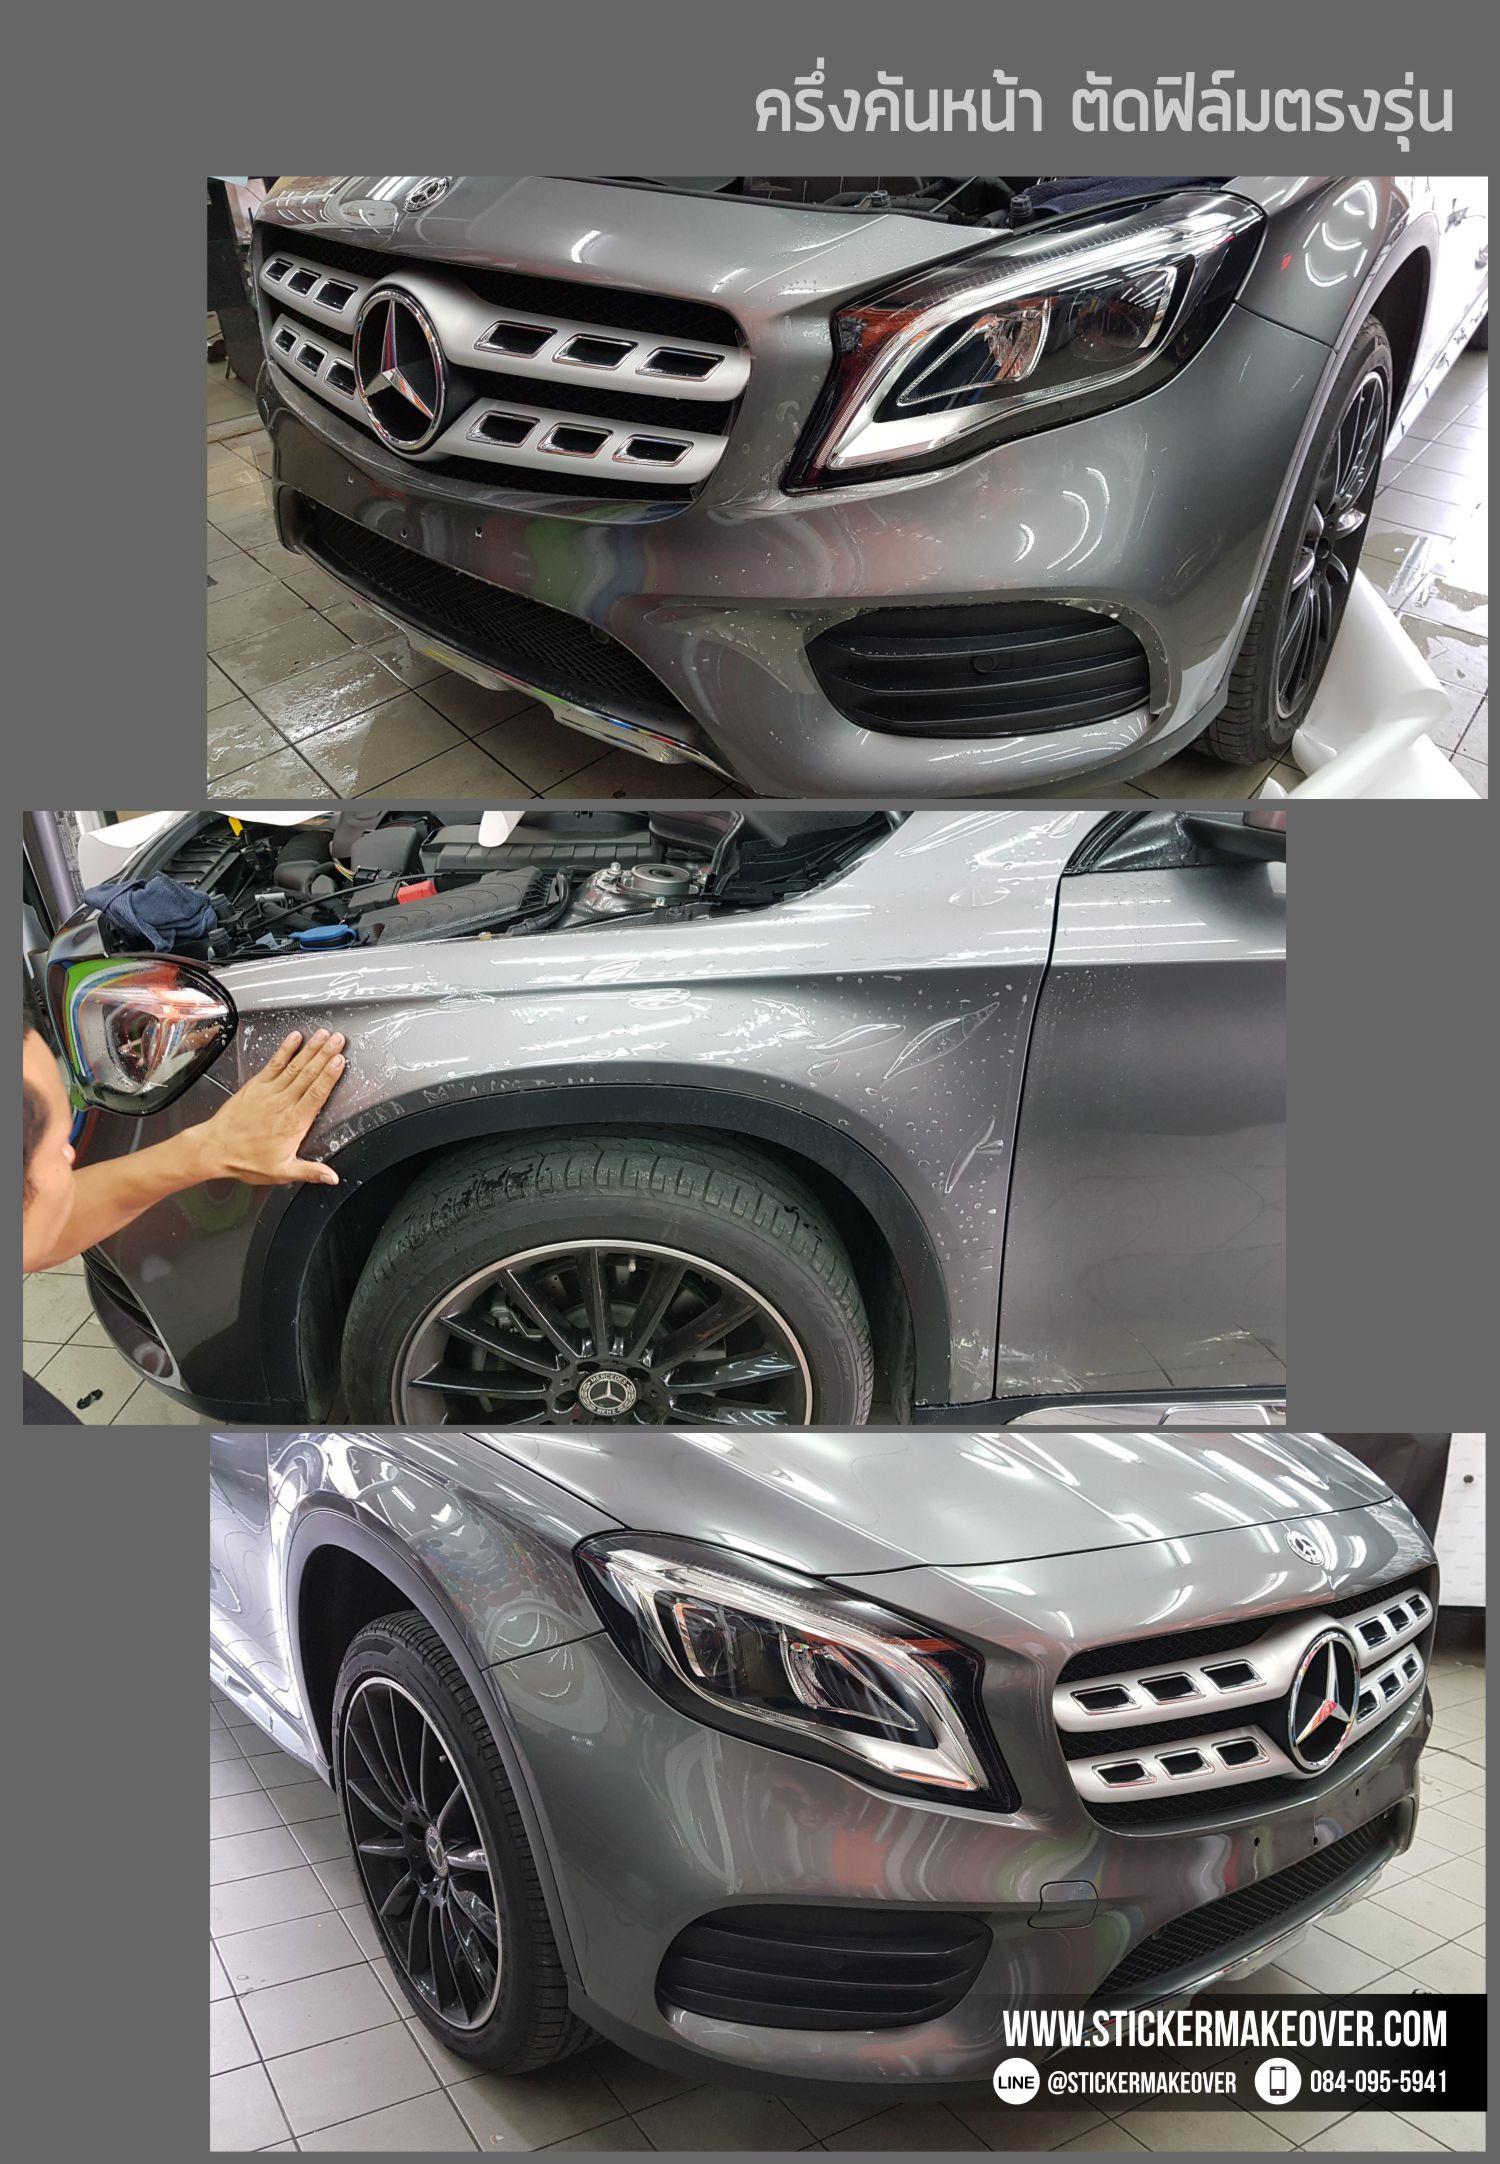 ฟิล์มใสกันรอยรถยนต์ ฟิล์มใสกันสะเก็ดหิน ฟิล์มปกป้องสีรถ paint protection film ppf benz gla200